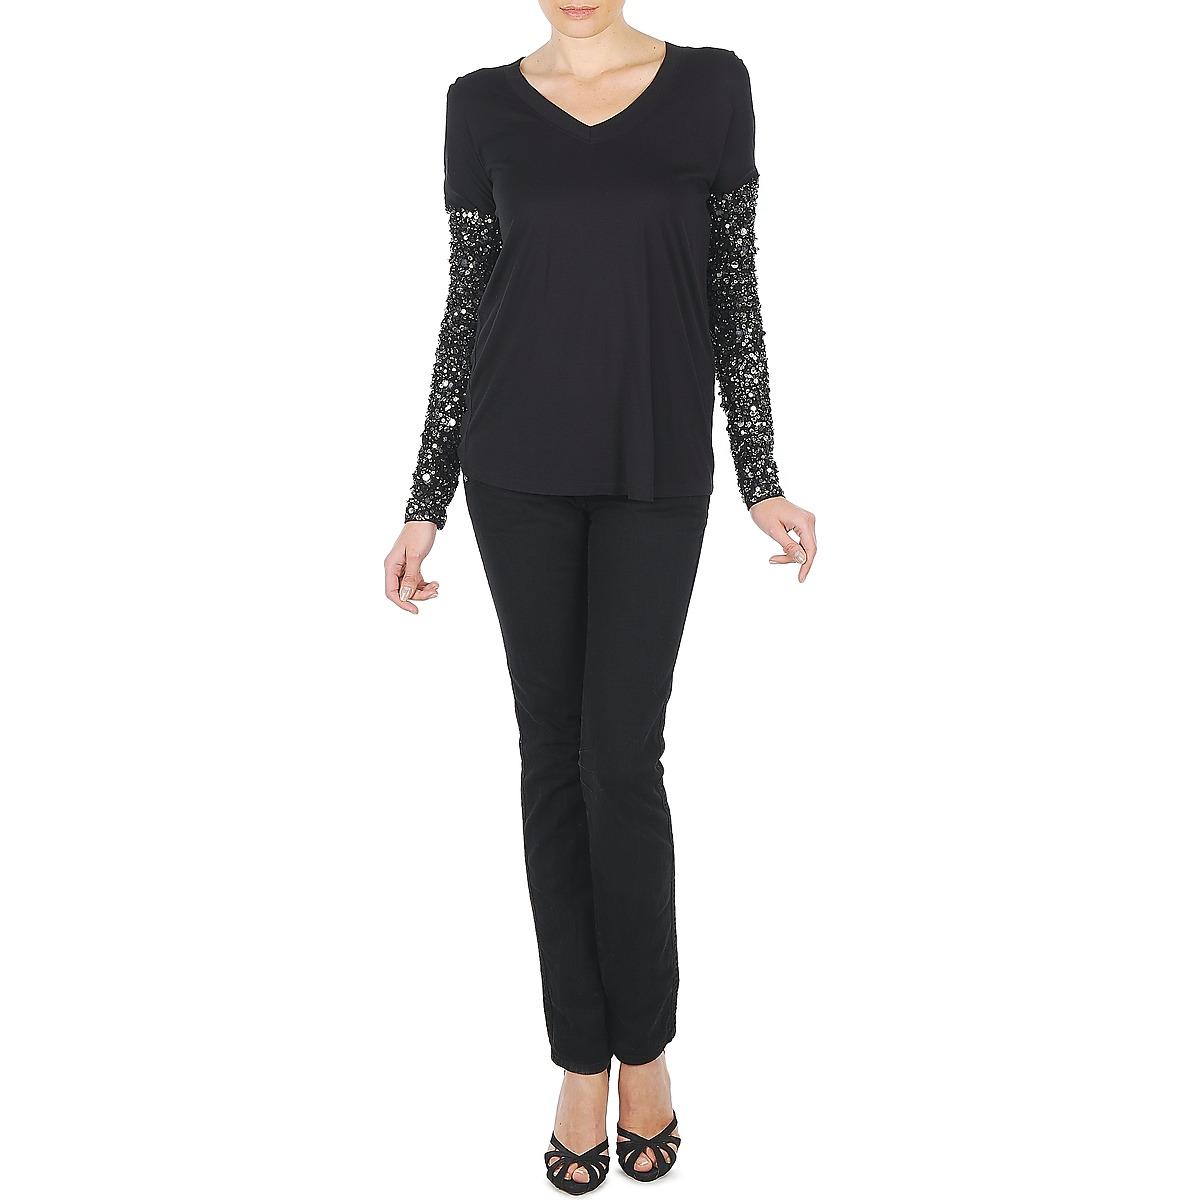 Manoush Tshirt Ml Indian Basic Noir - Livraison Gratuite Vêtements T-shirts Manches Longues Femme 151,20 €